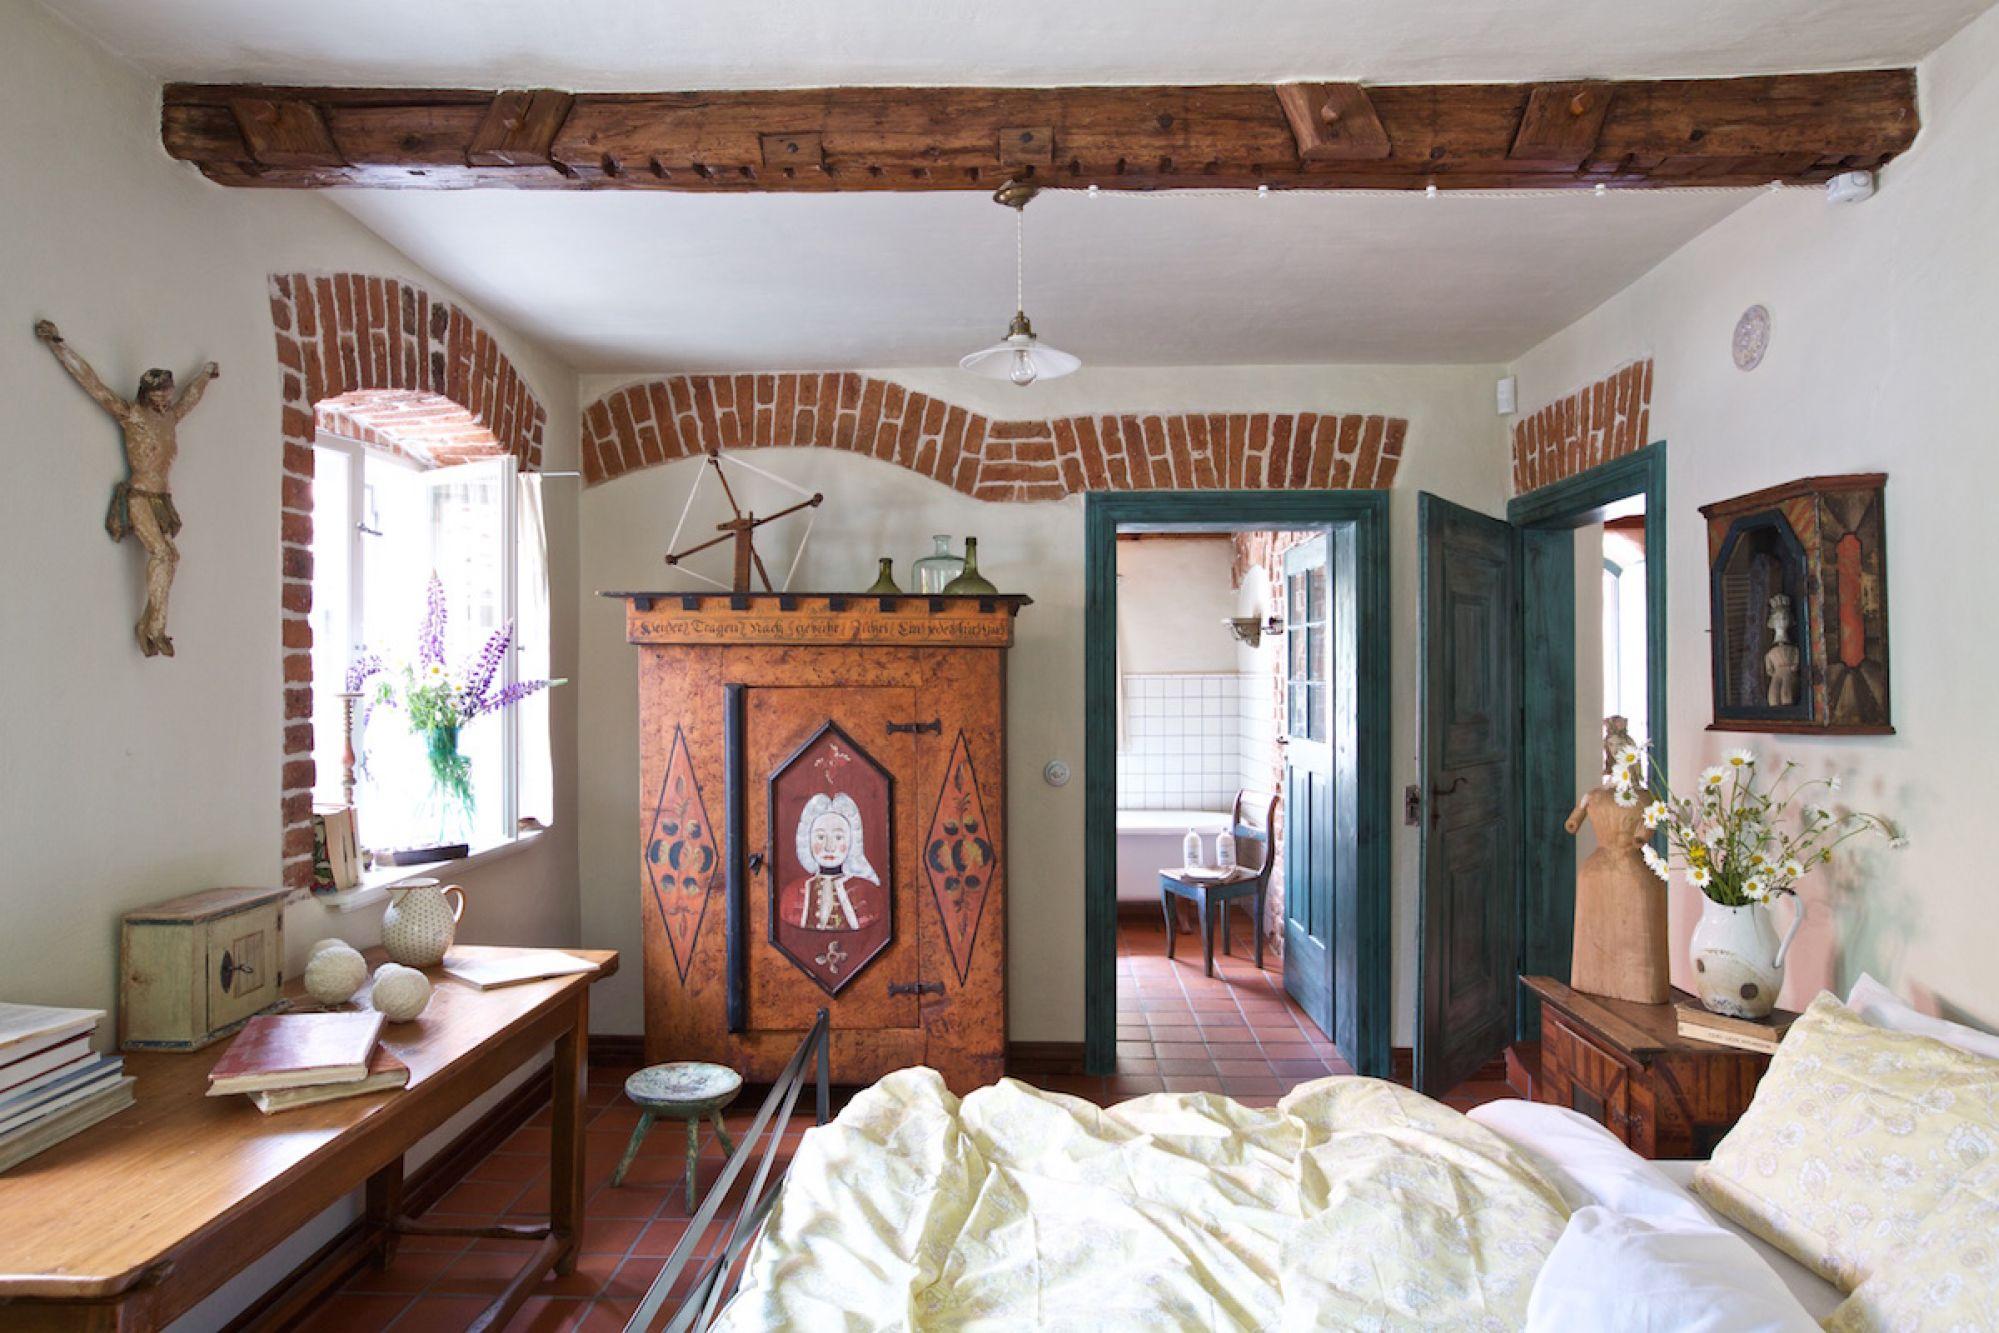 Stara wiejska szafa